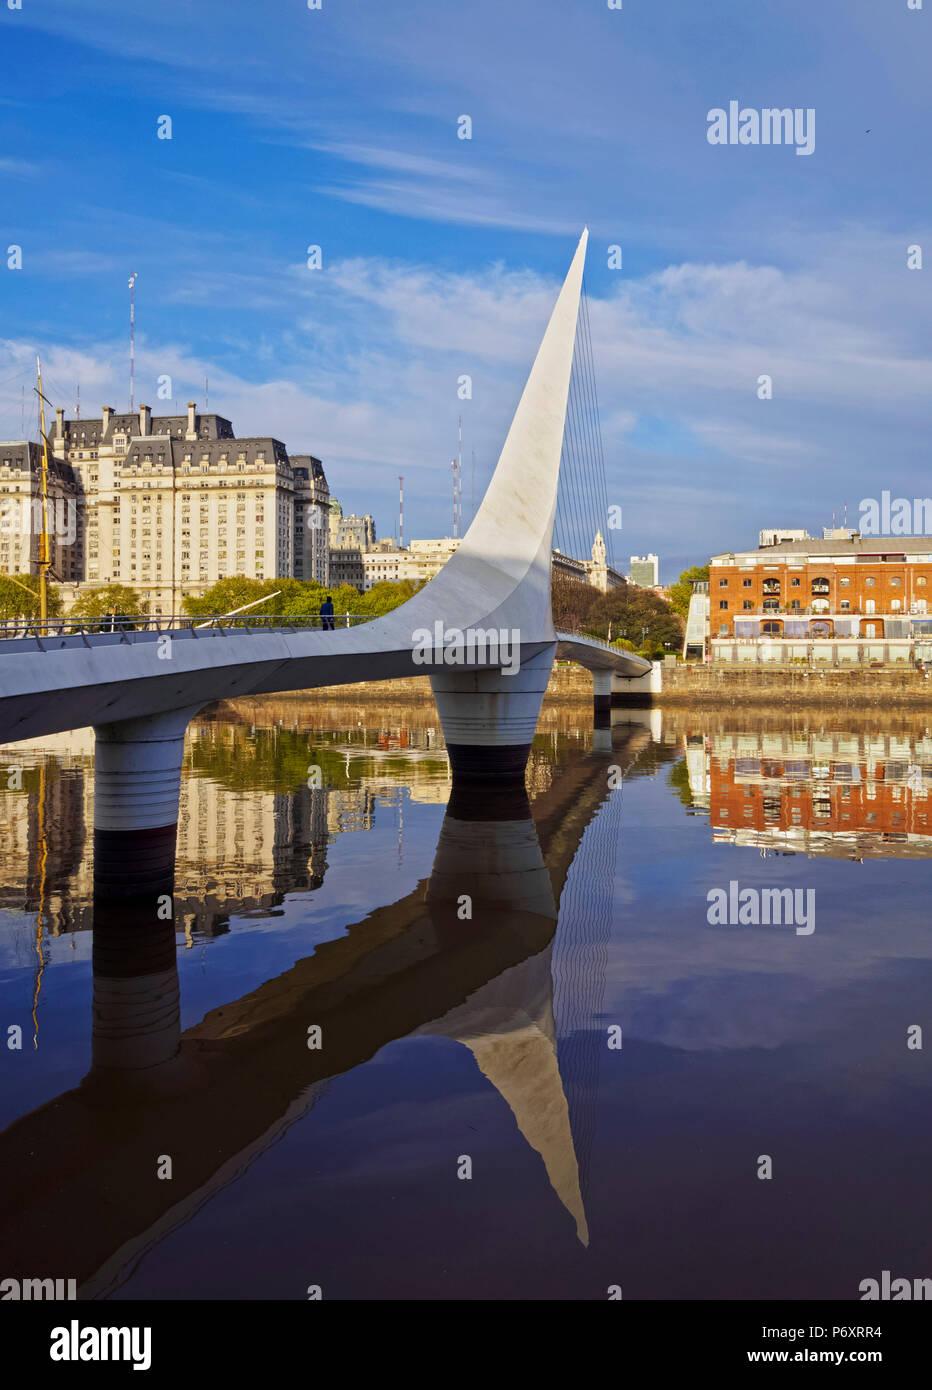 Argentina, Provincia di Buenos Aires, la città di Buenos Aires, vista del Puente de la Mujer in Puerto Madero. Immagini Stock